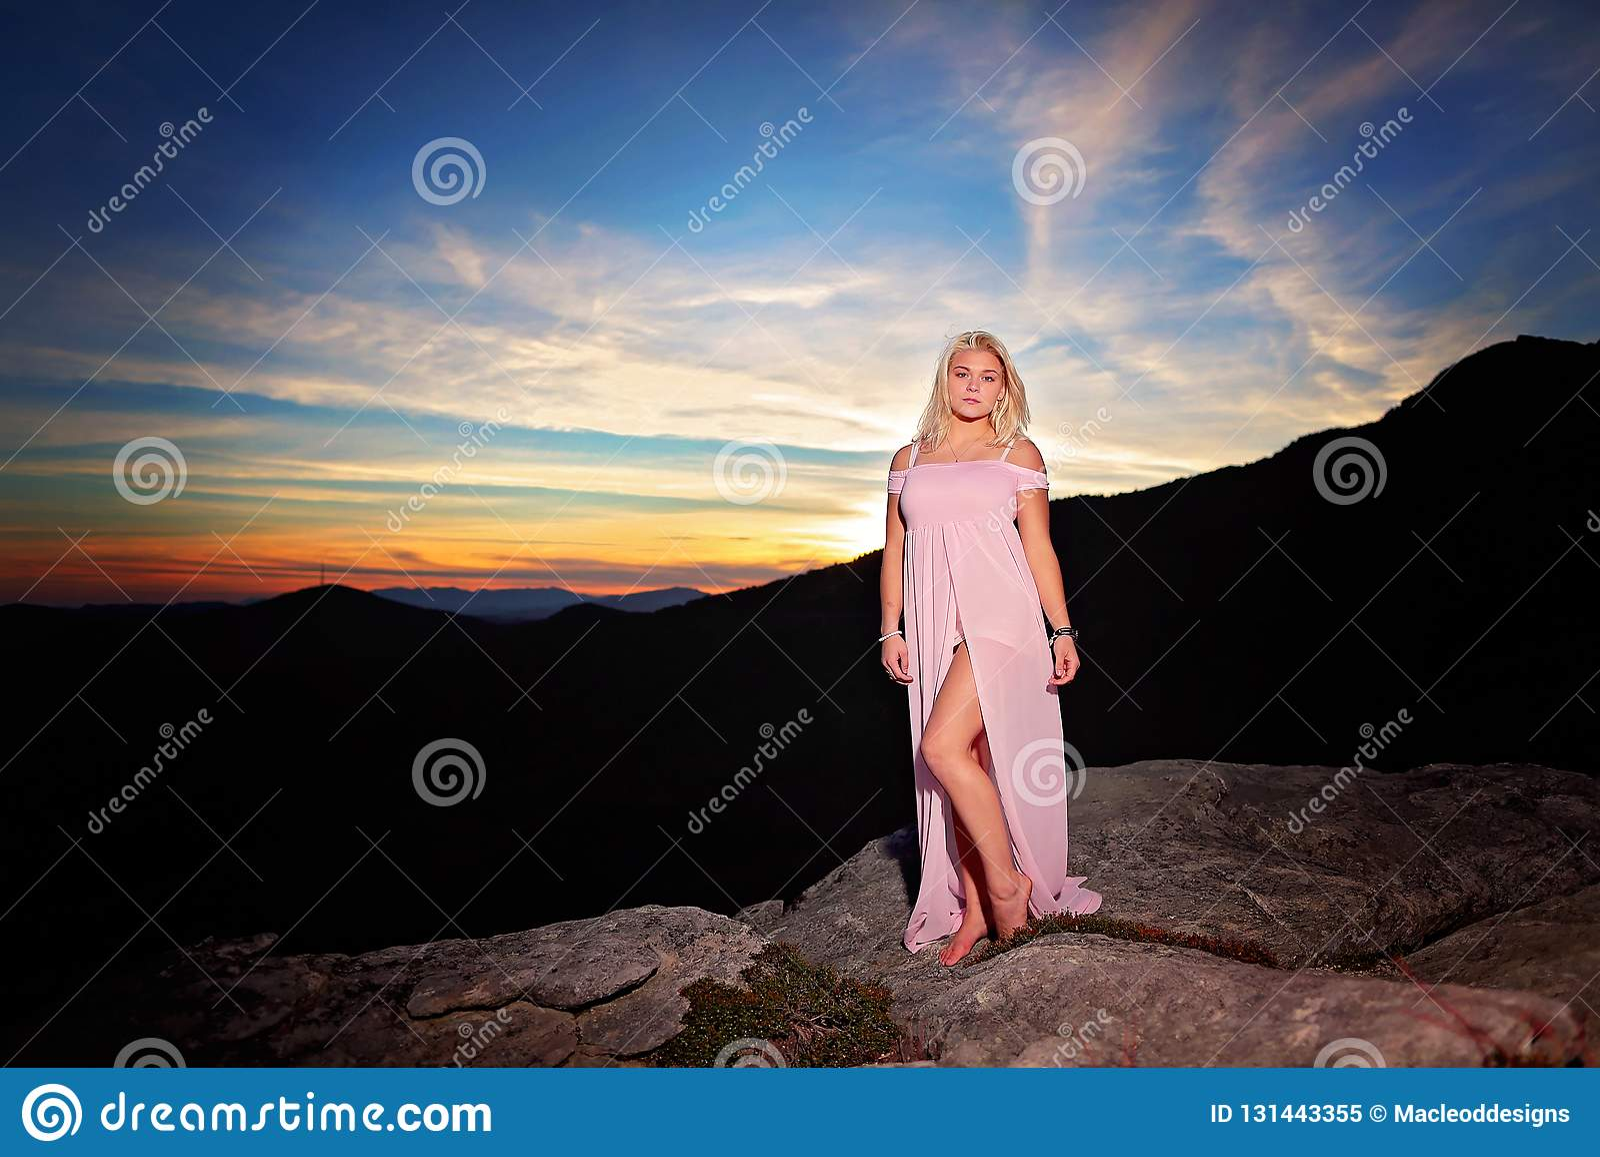 Nastoletnia dziewczyna na skale przegapia w górach